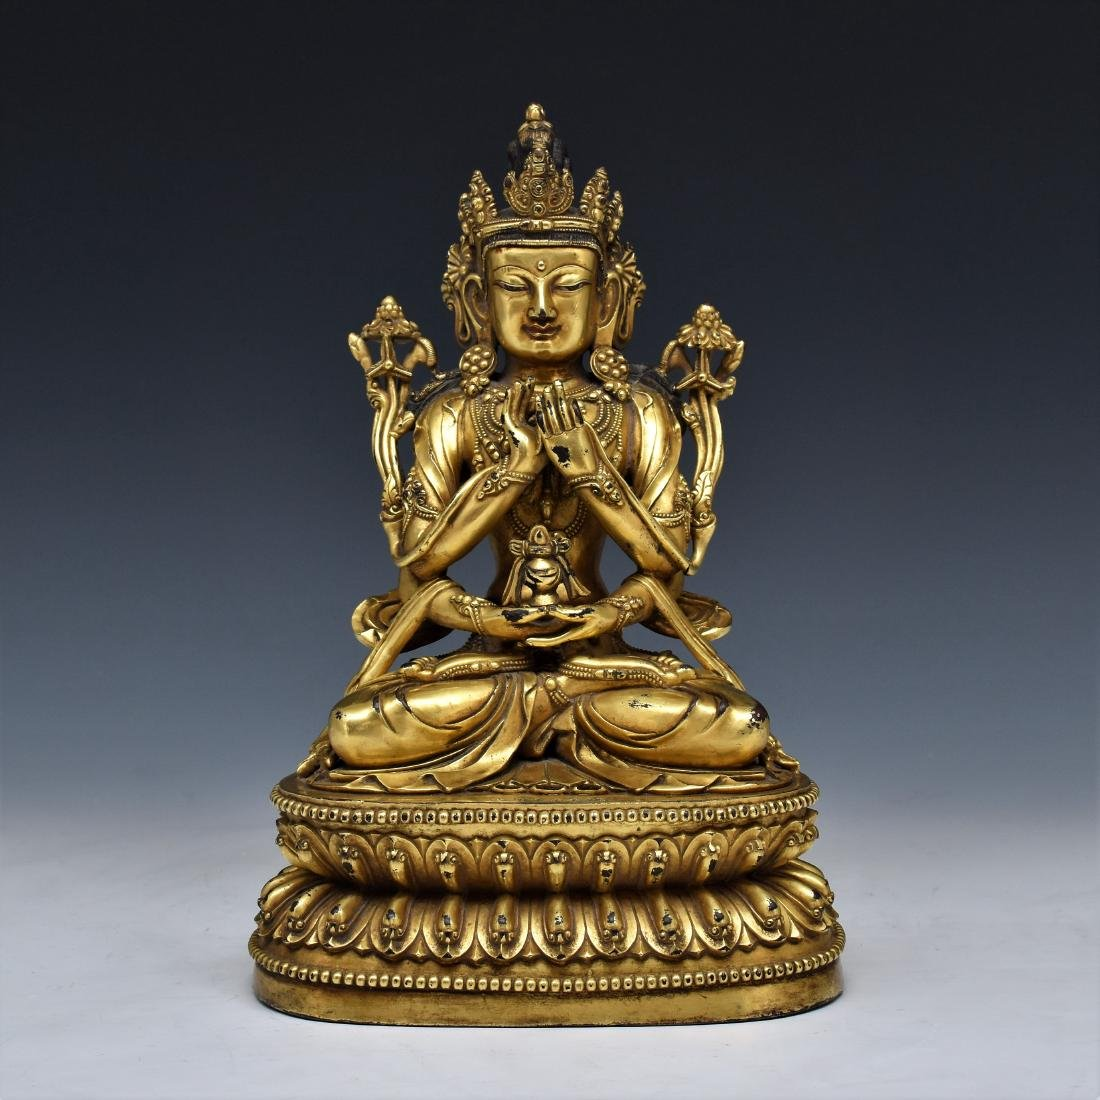 YONGLE GILT BRONZE FOUR ARMS AVALOKITHESVARA BUDDHA